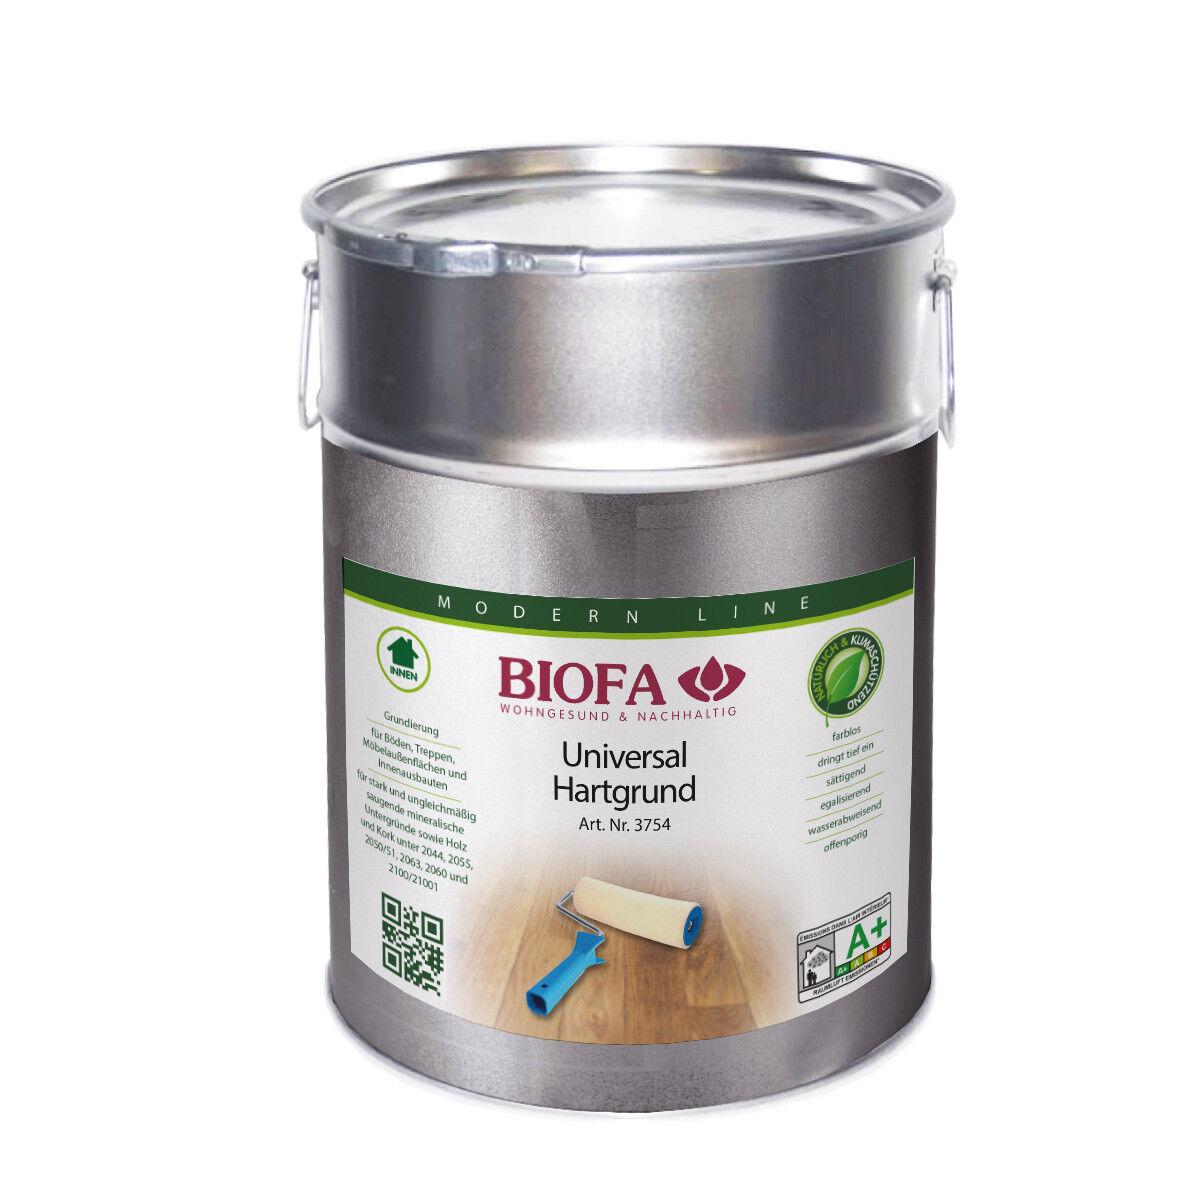 (/L) Biofa Universal-Hartgrund lösemittelhaltig, 10 Liter